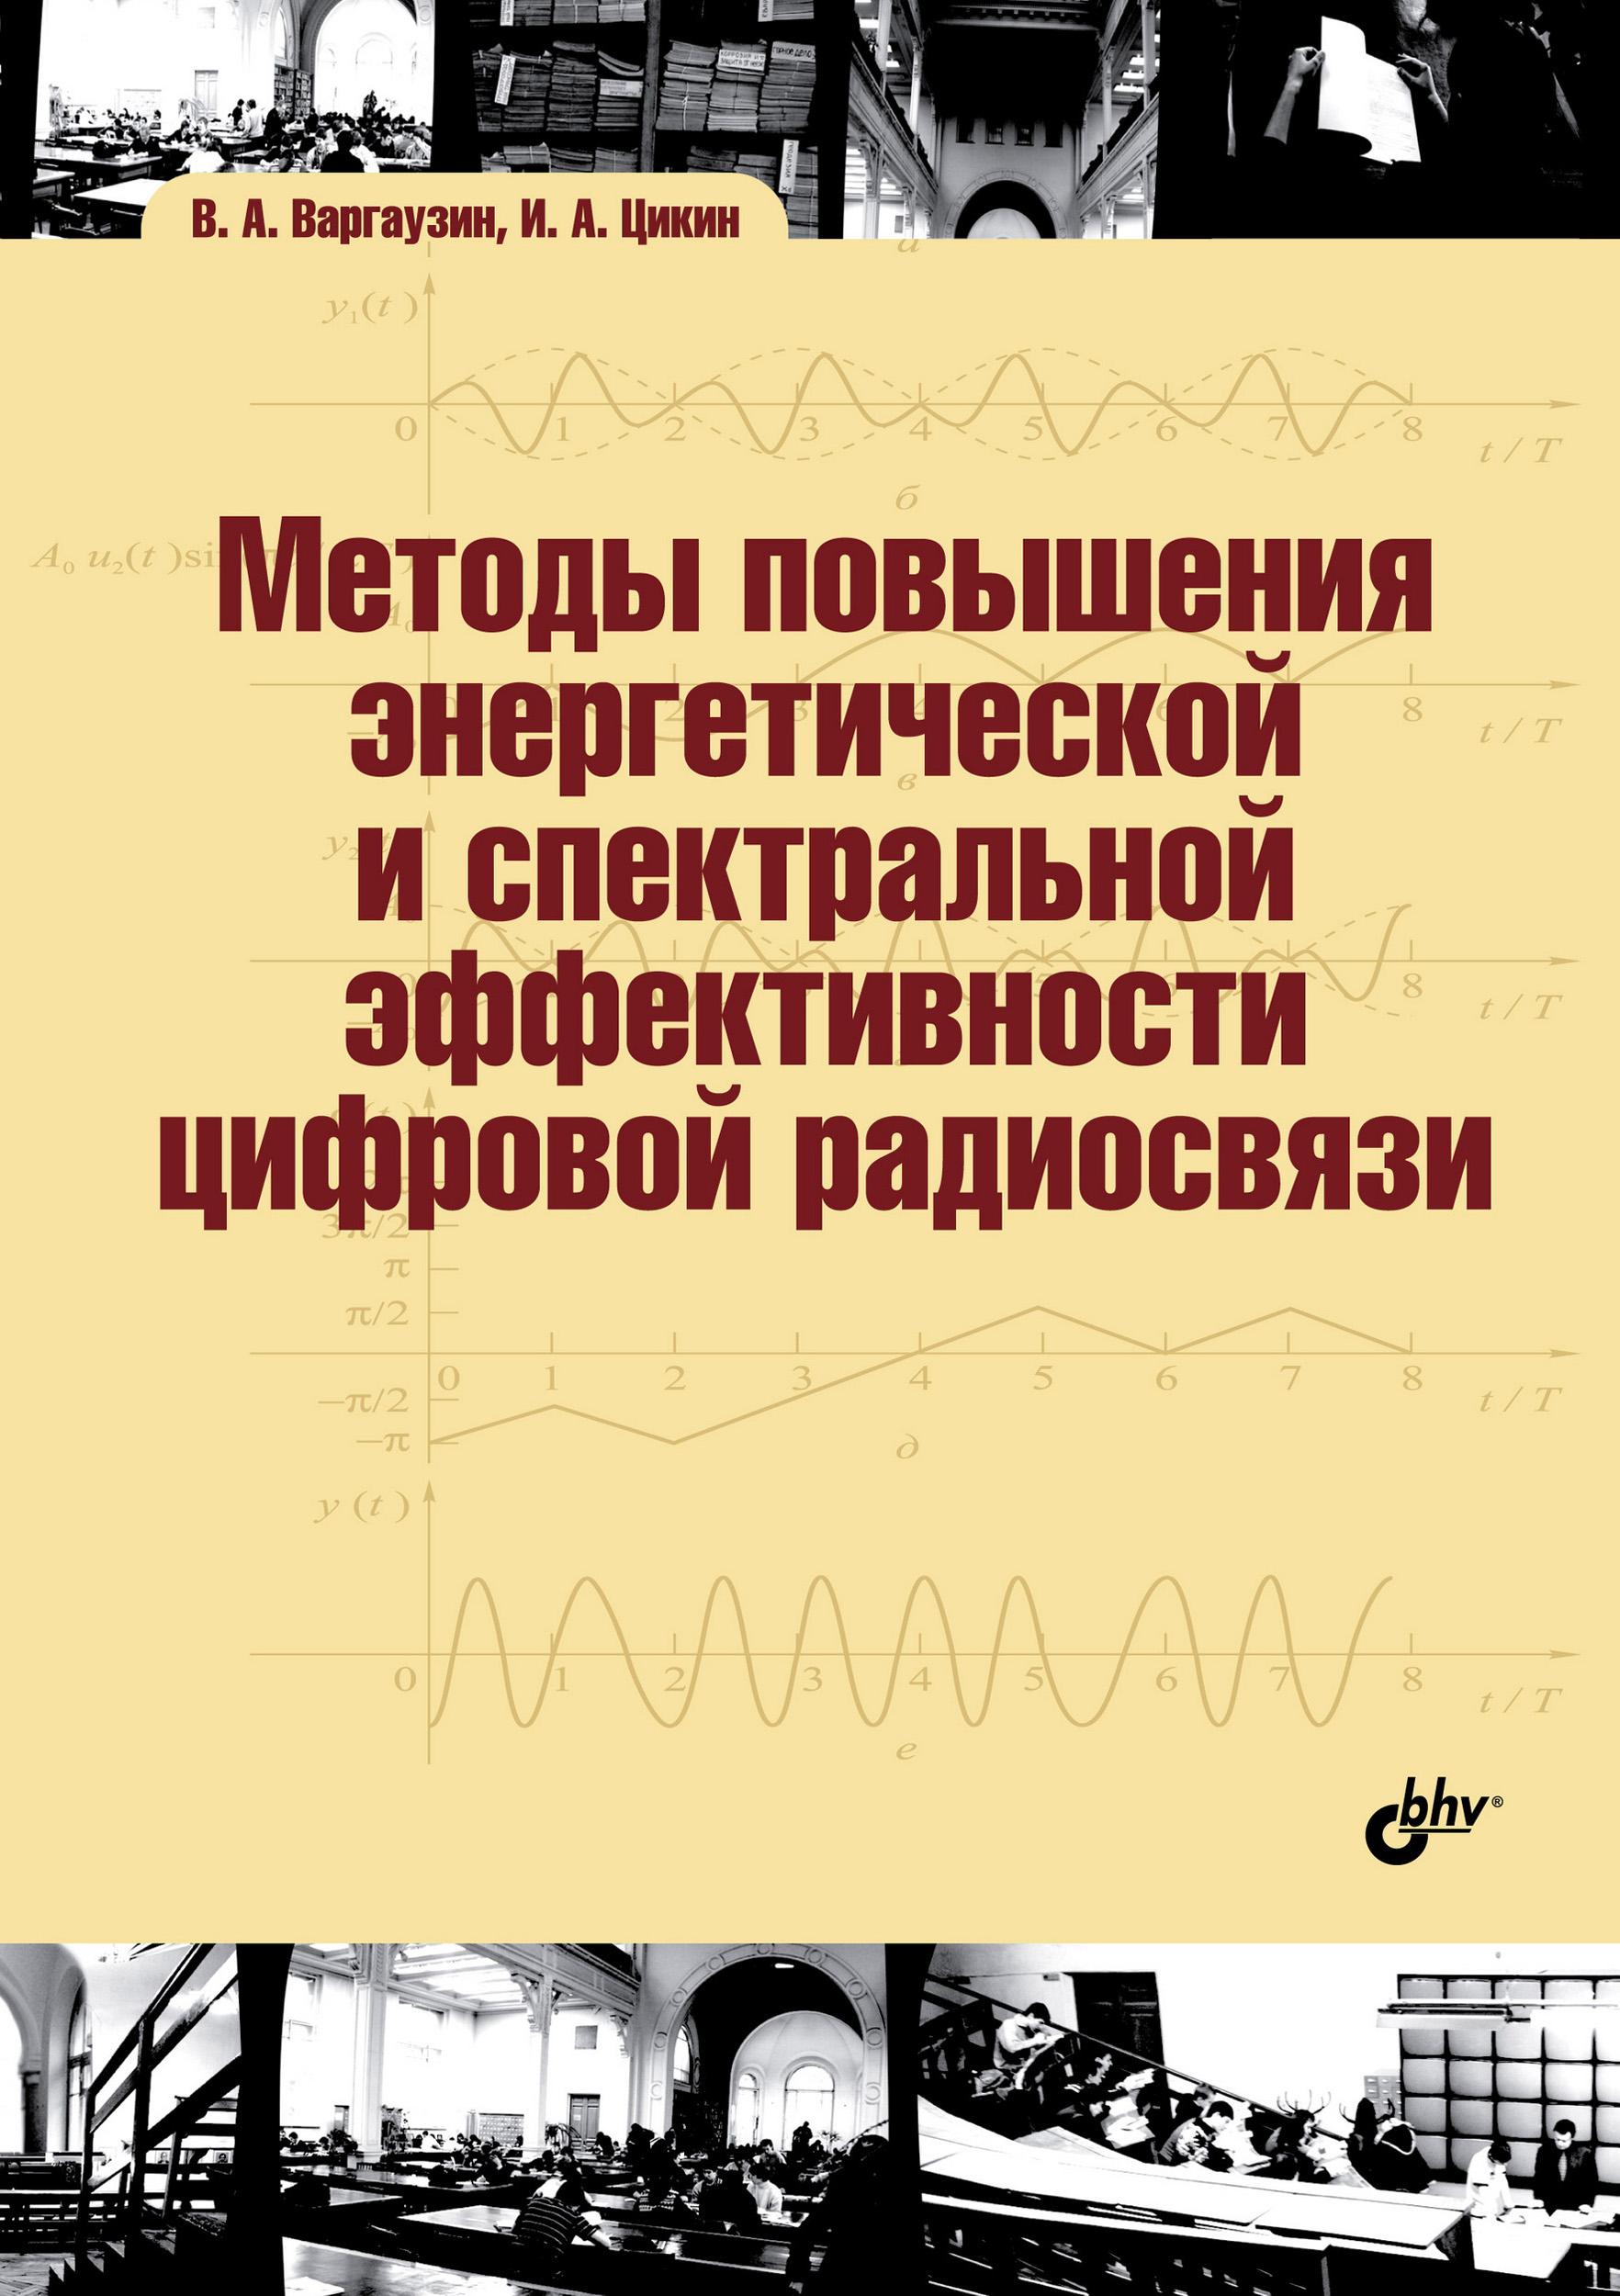 В. А. Варгаузин Методы повышения энергетической и спектральной эффективности цифровой радиосвязи